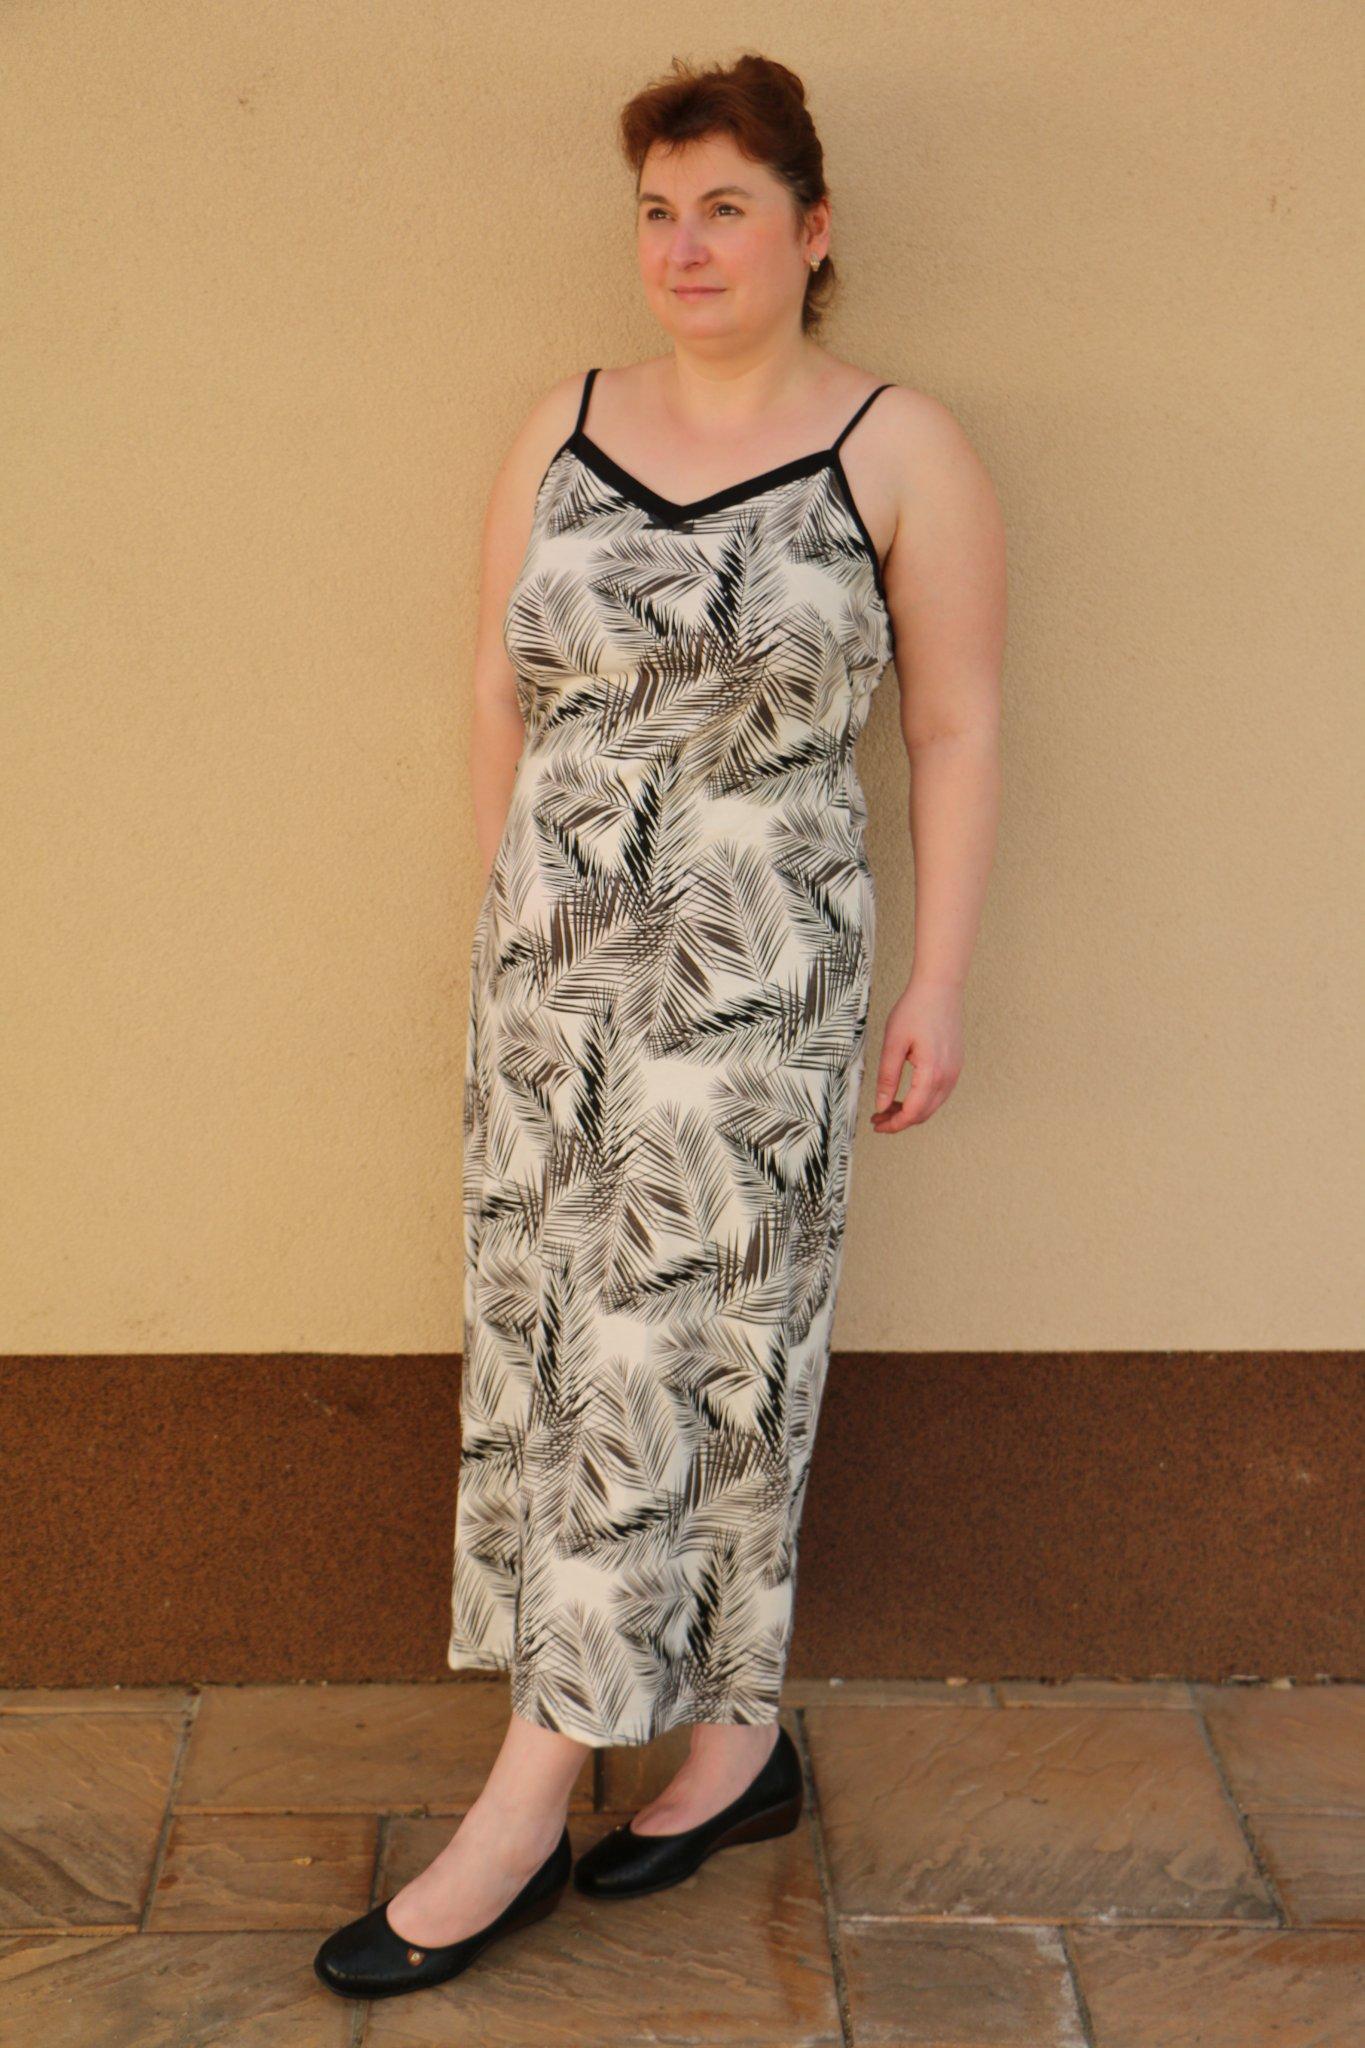 c068c3c28e A méretekkel, és a minőséggel is elégedett vagyok, a ruhák úgy néznek ki  mint a képen. Se csalás, se ámítás.